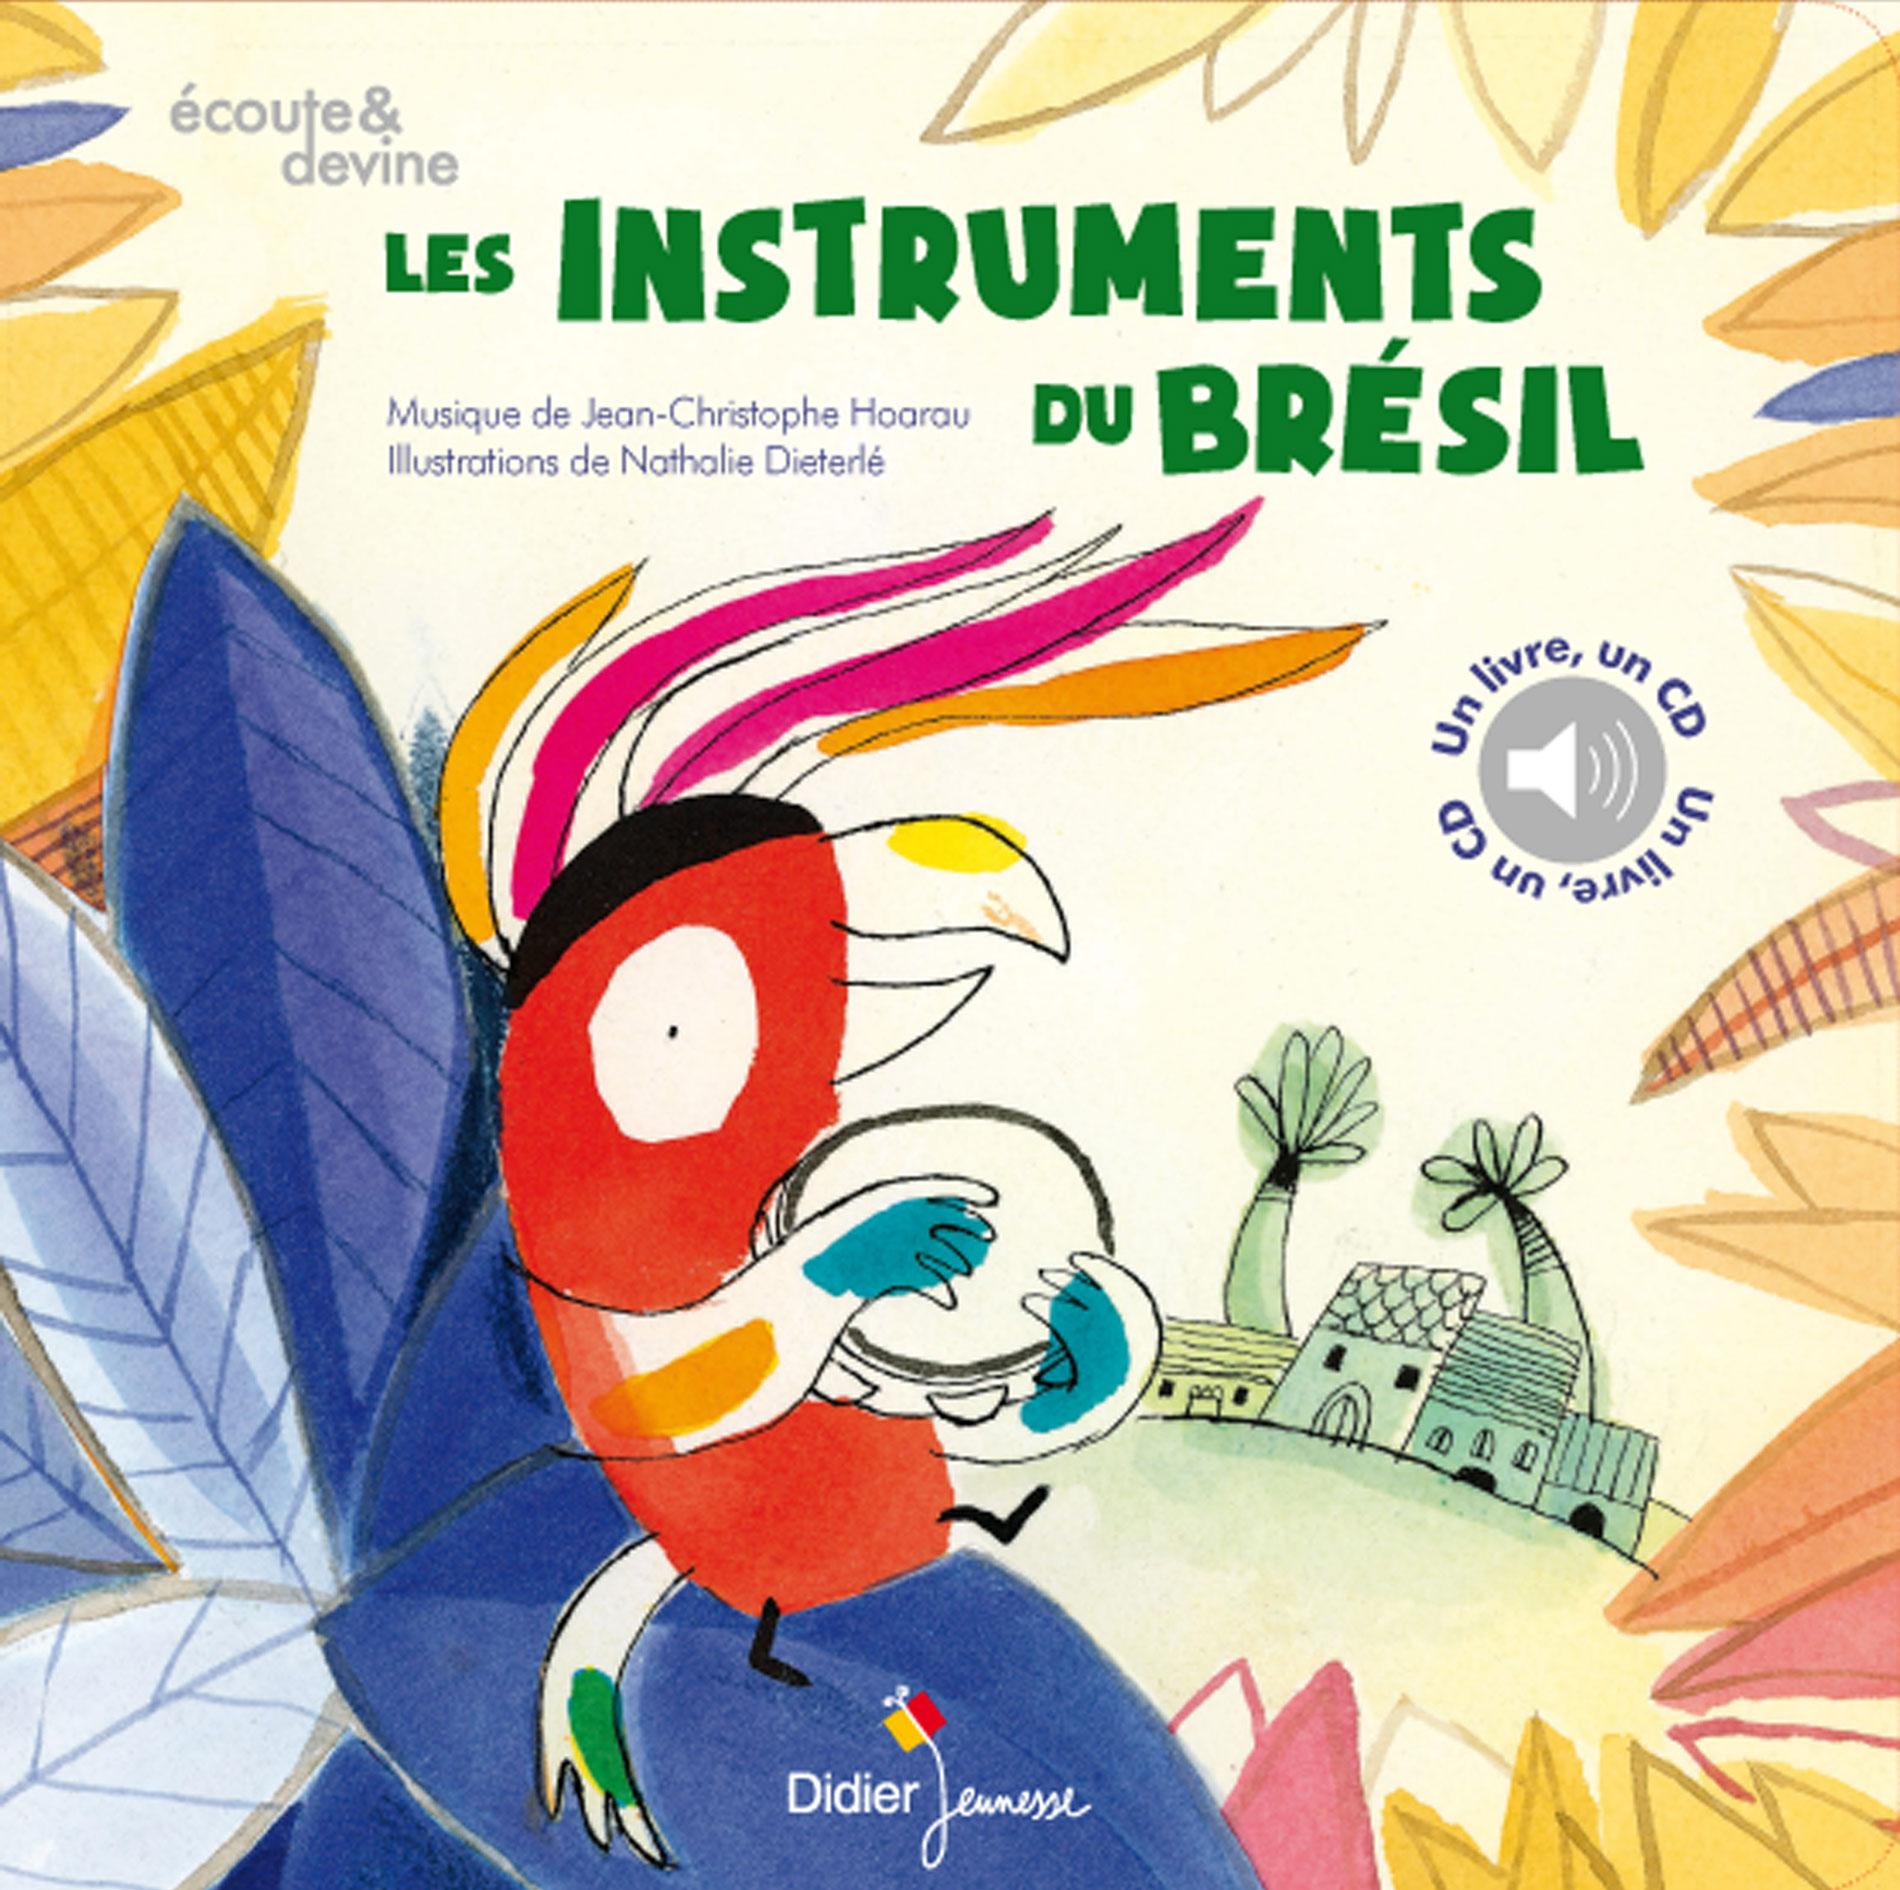 Les instruments du Brésil mis en musique de Jean-Christophe Hoarau illustré par Nathalie Dieterlé édité par Didier jeunesse